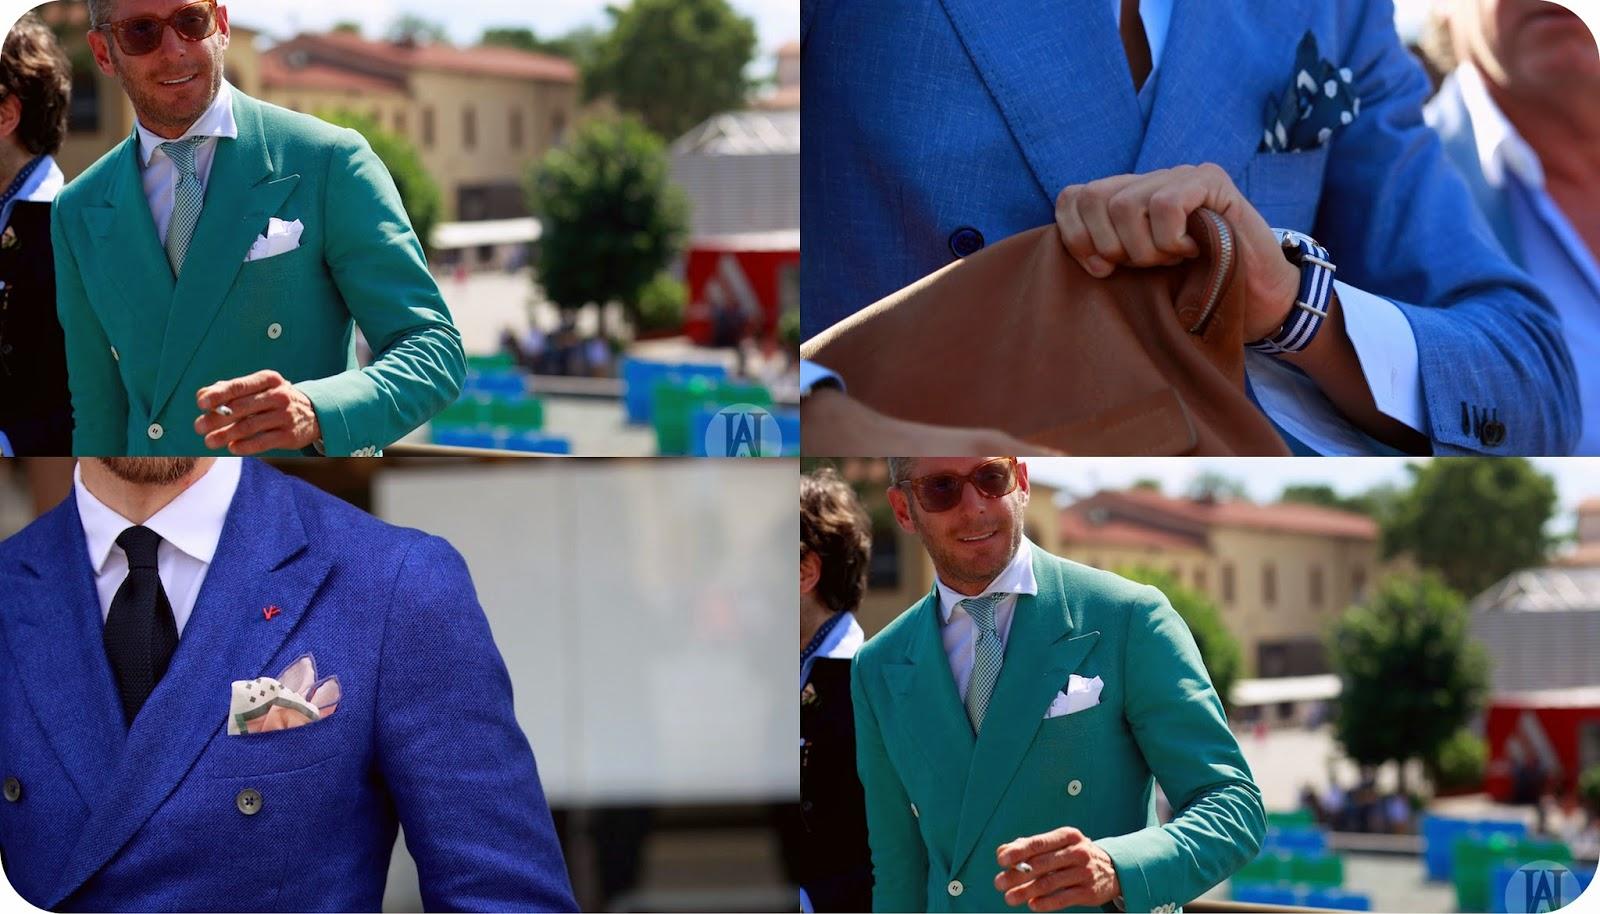 Как сделать красивый платок в карман пиджака